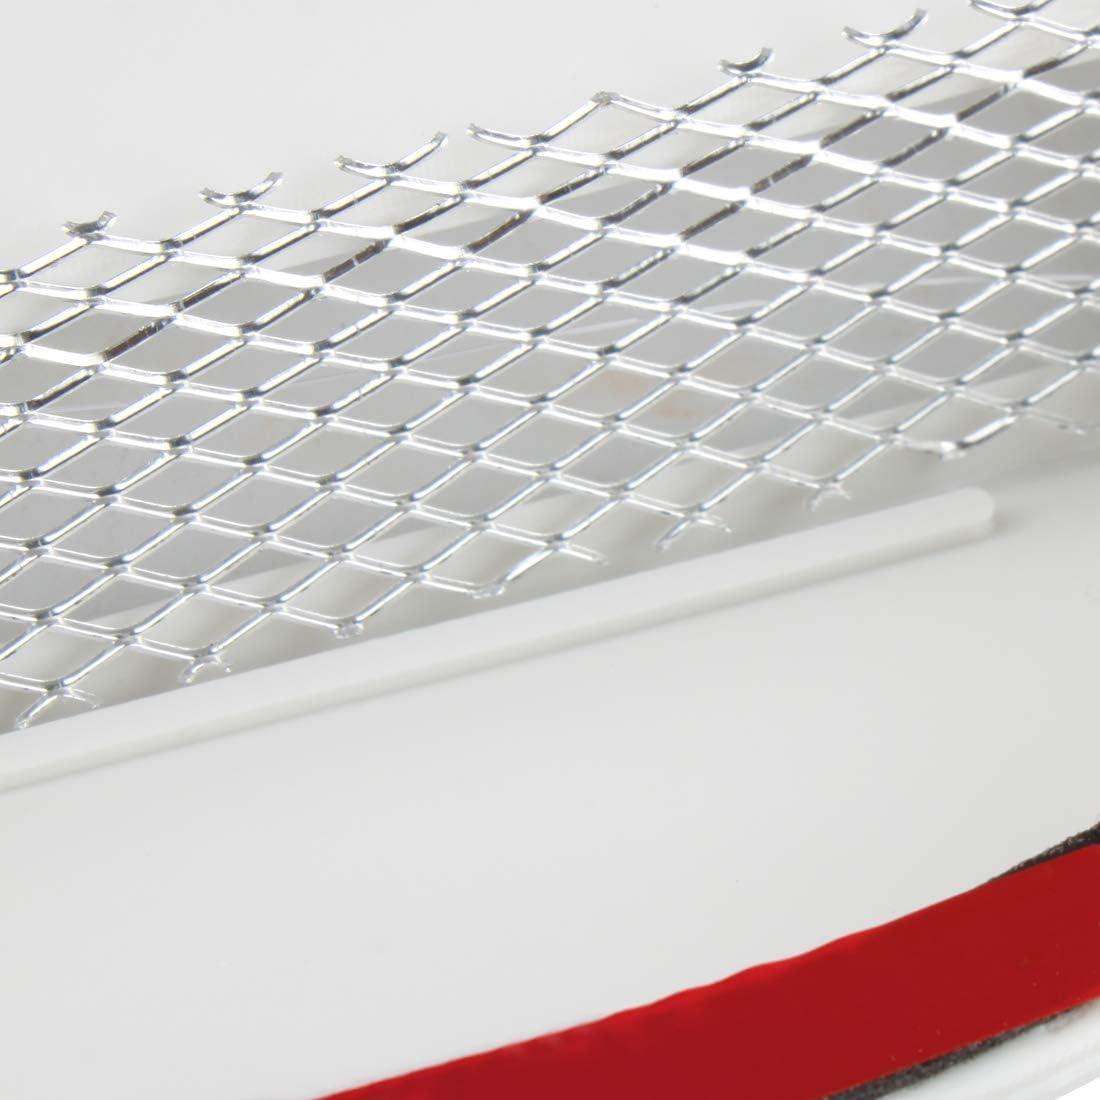 Larcele Auto Lufteinl/ässe Au/ßen Dekorative Luftdurchfluss Luftzufuhr Bel/üftungs/öffnungen Aufkleber JFK-05 Rot MEHRWEG